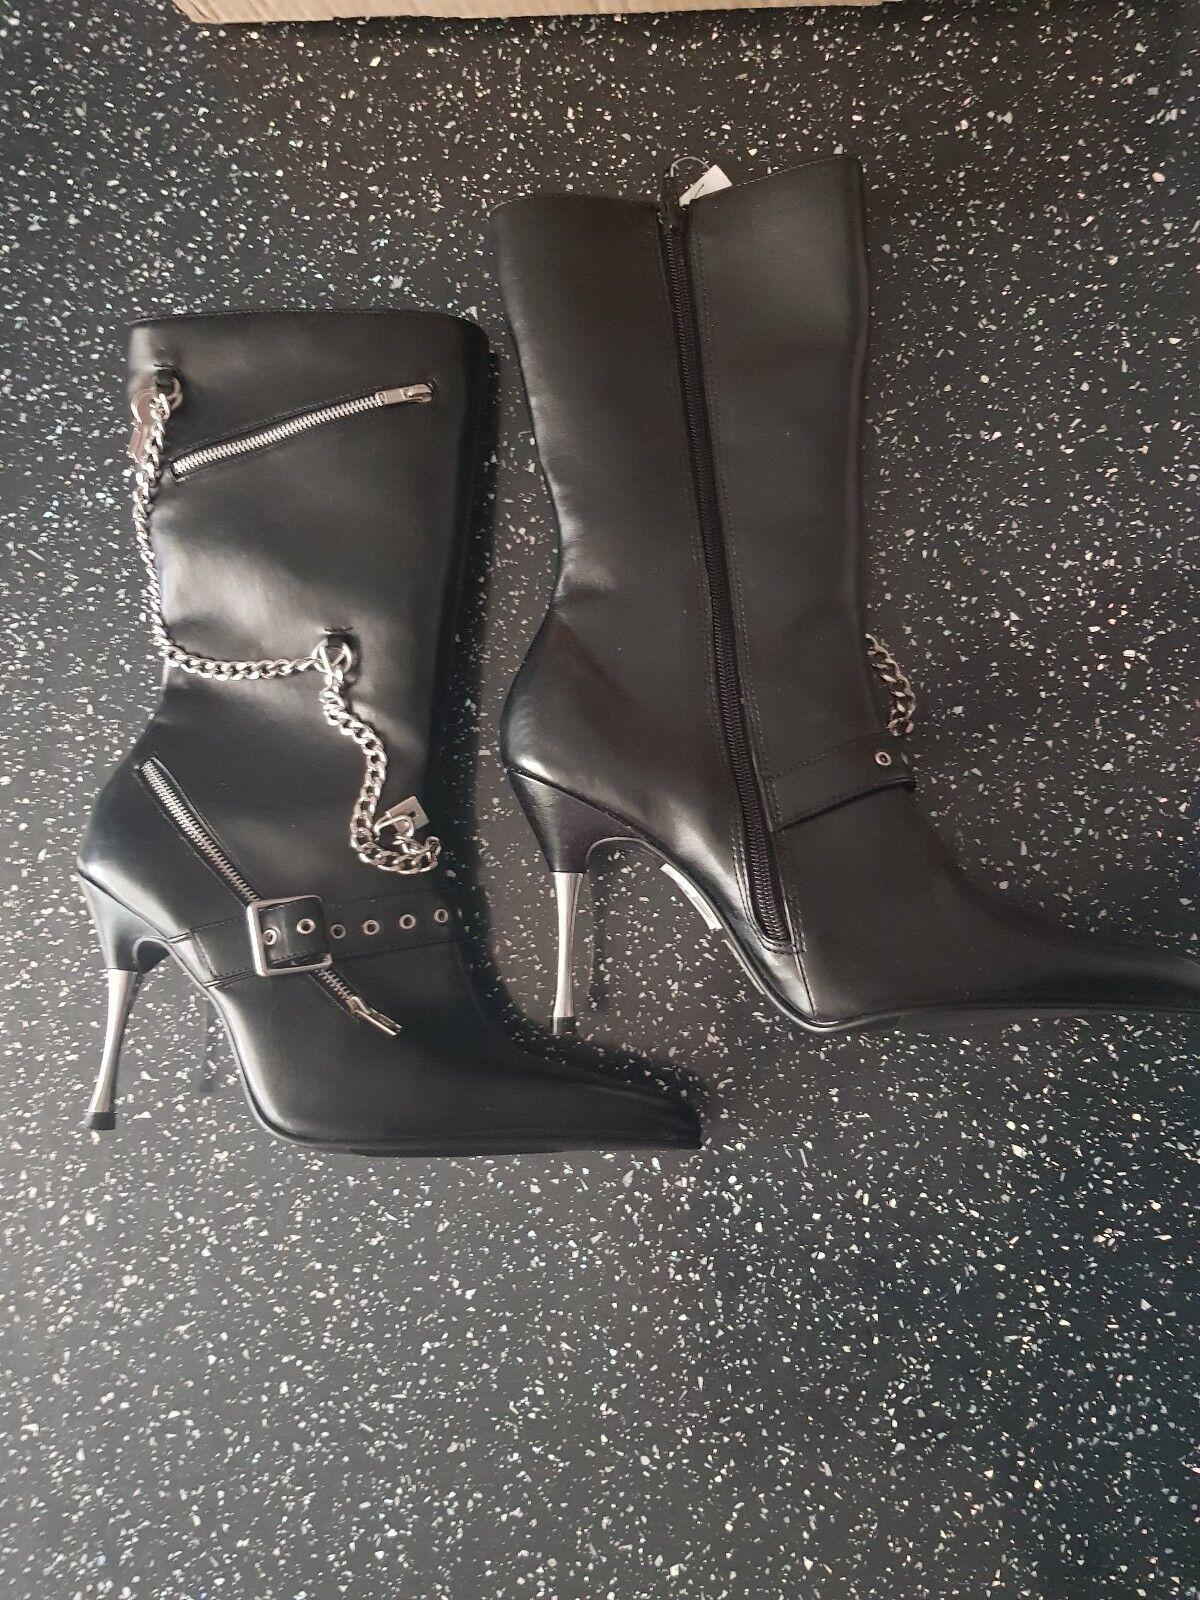 Goszip high heel boots 5